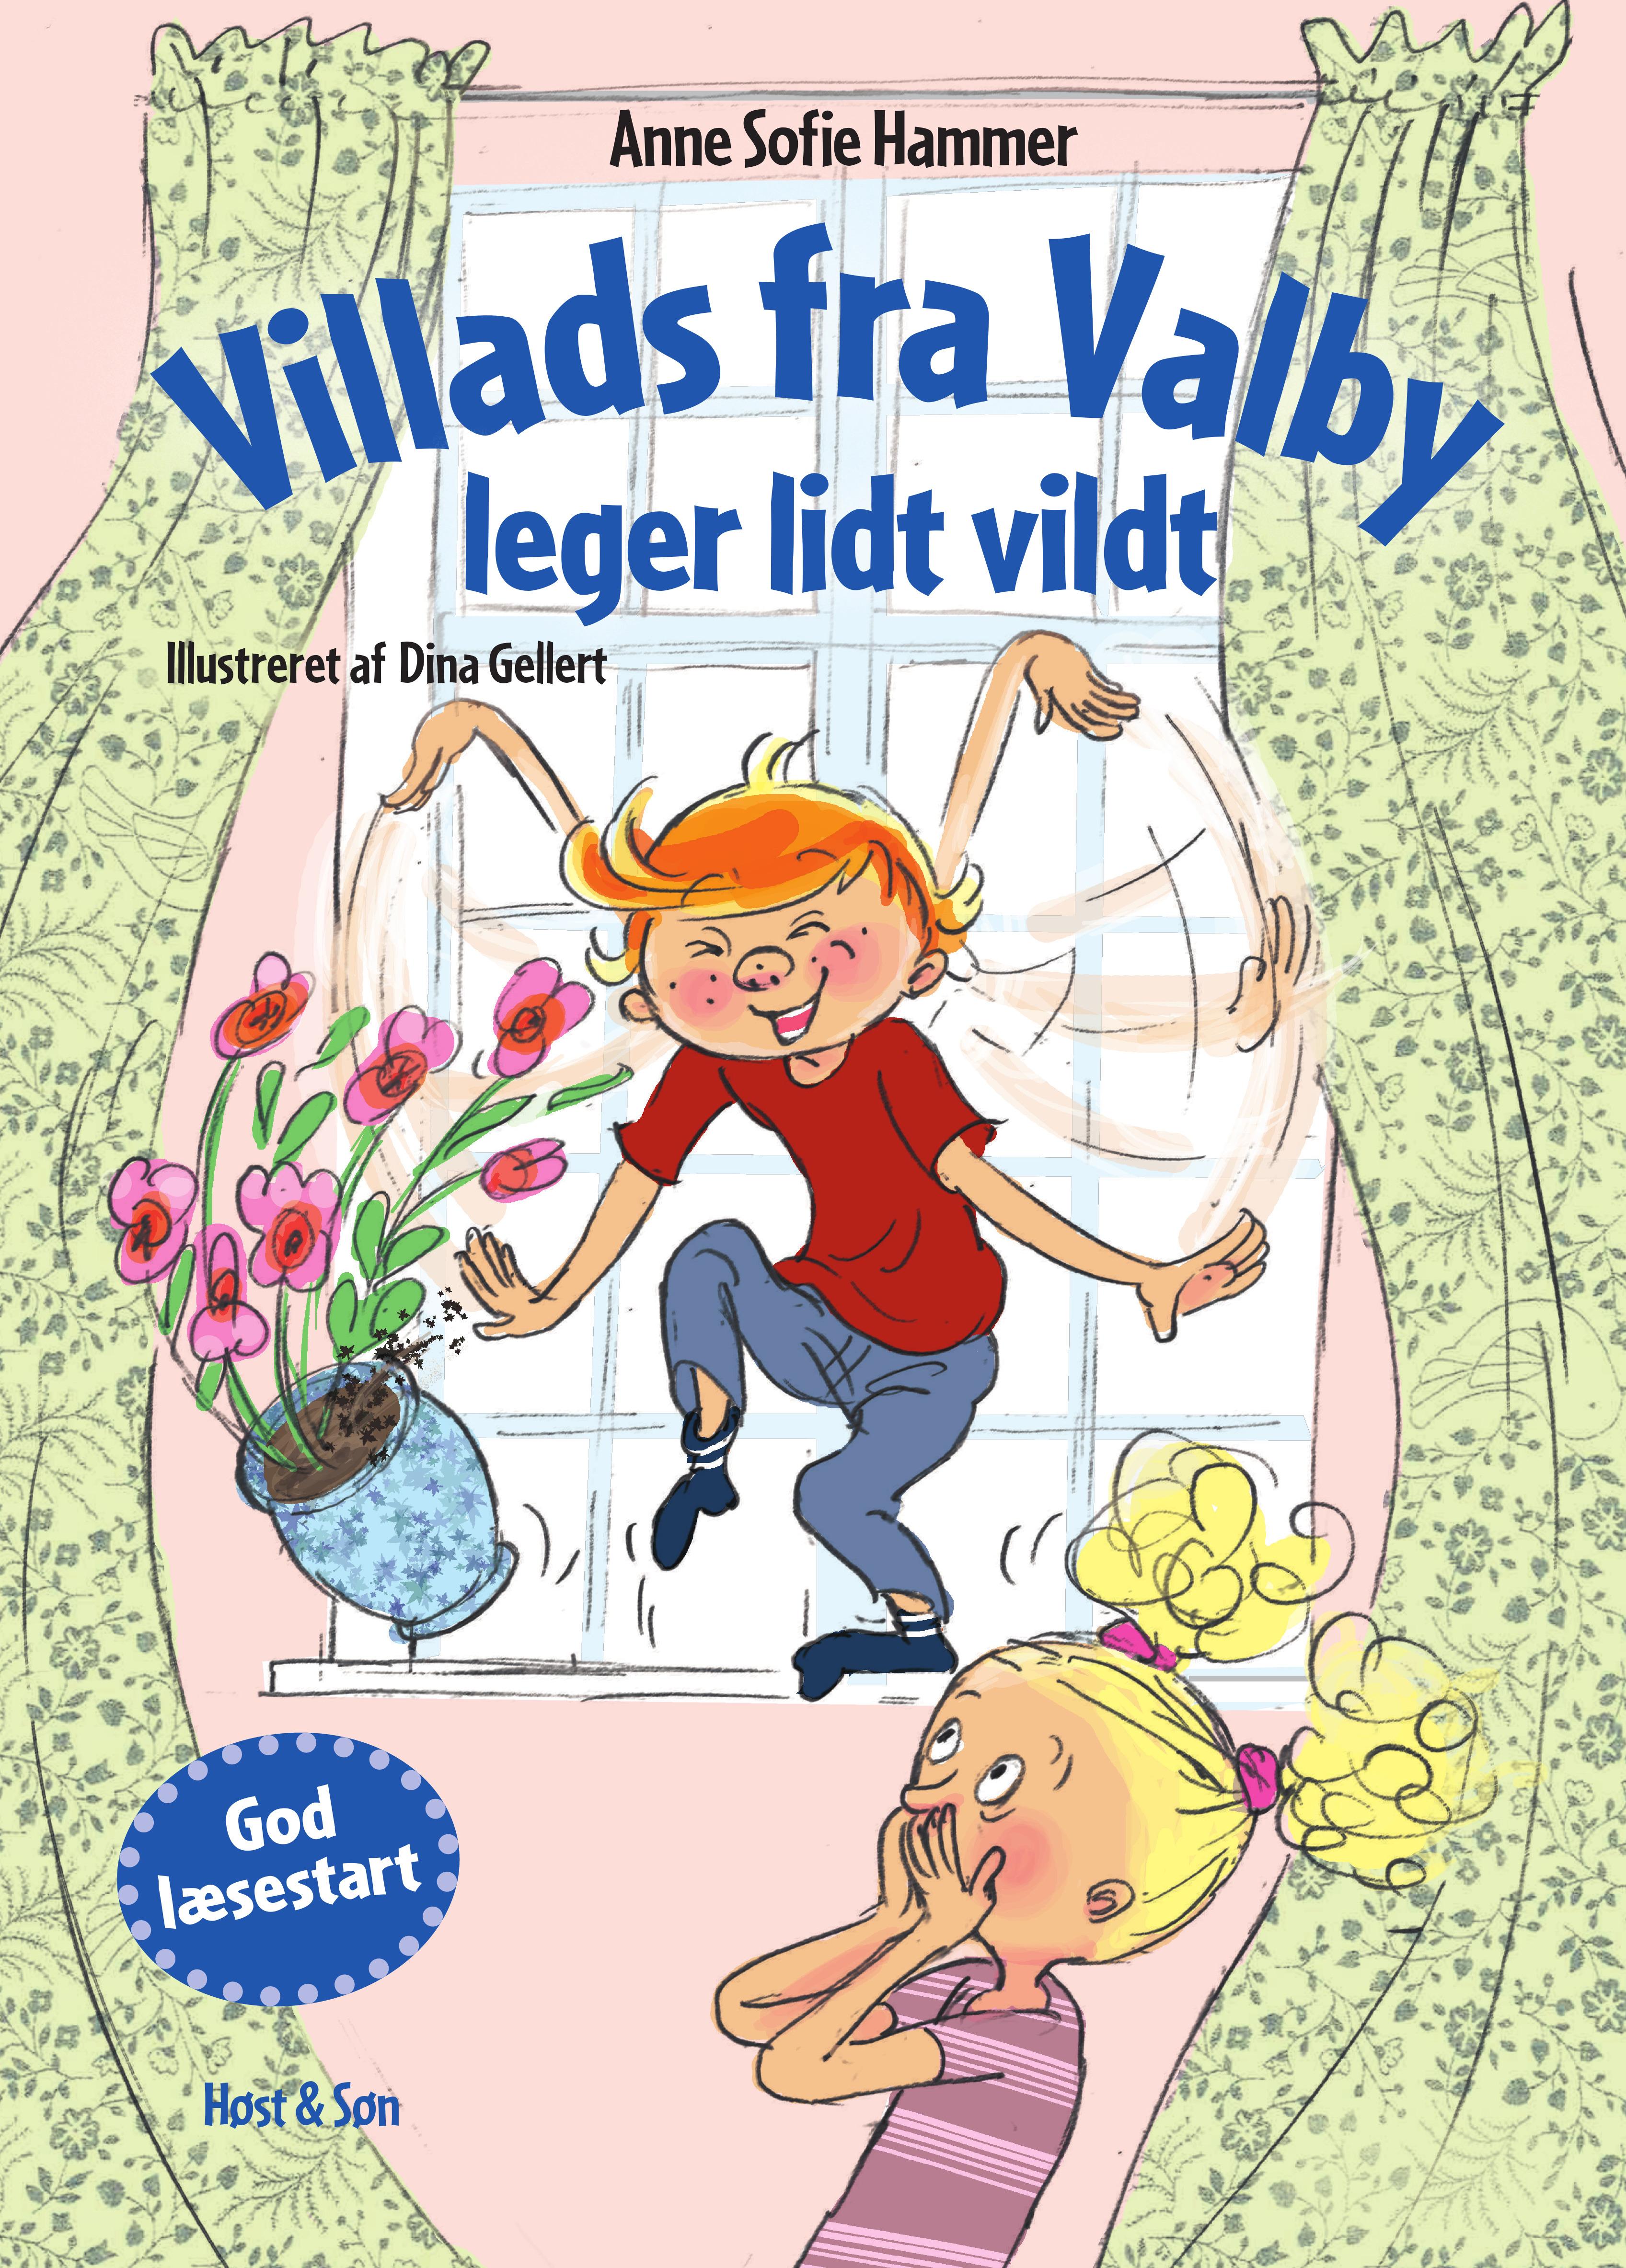 Villads fra Valby-bøgerne: Villads fra Valby leger lidt vildt - Anne Sofie Hammer - Bøger - Høst og Søn - 9788702316728 - March 19, 2021